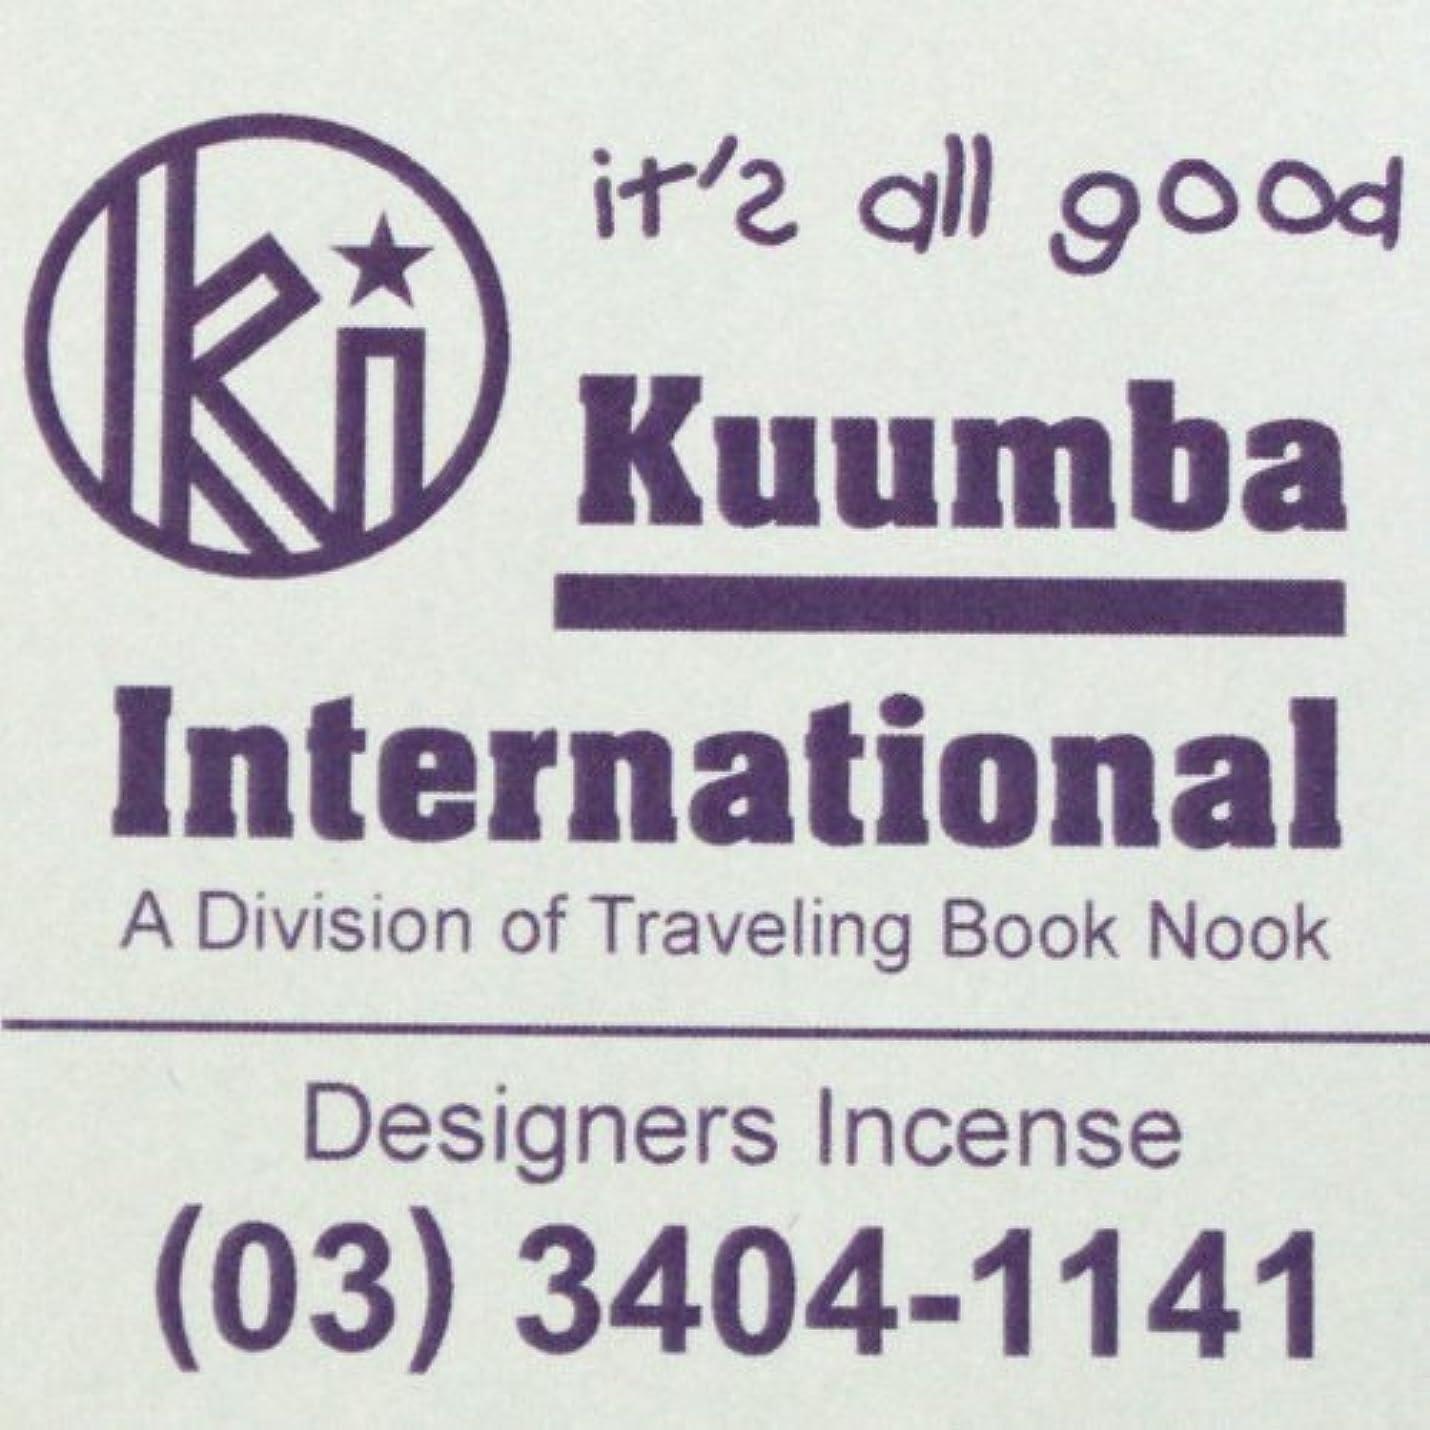 群衆レイ数学KUUMBA (クンバ)『incense』(it's all good) (Regular size)